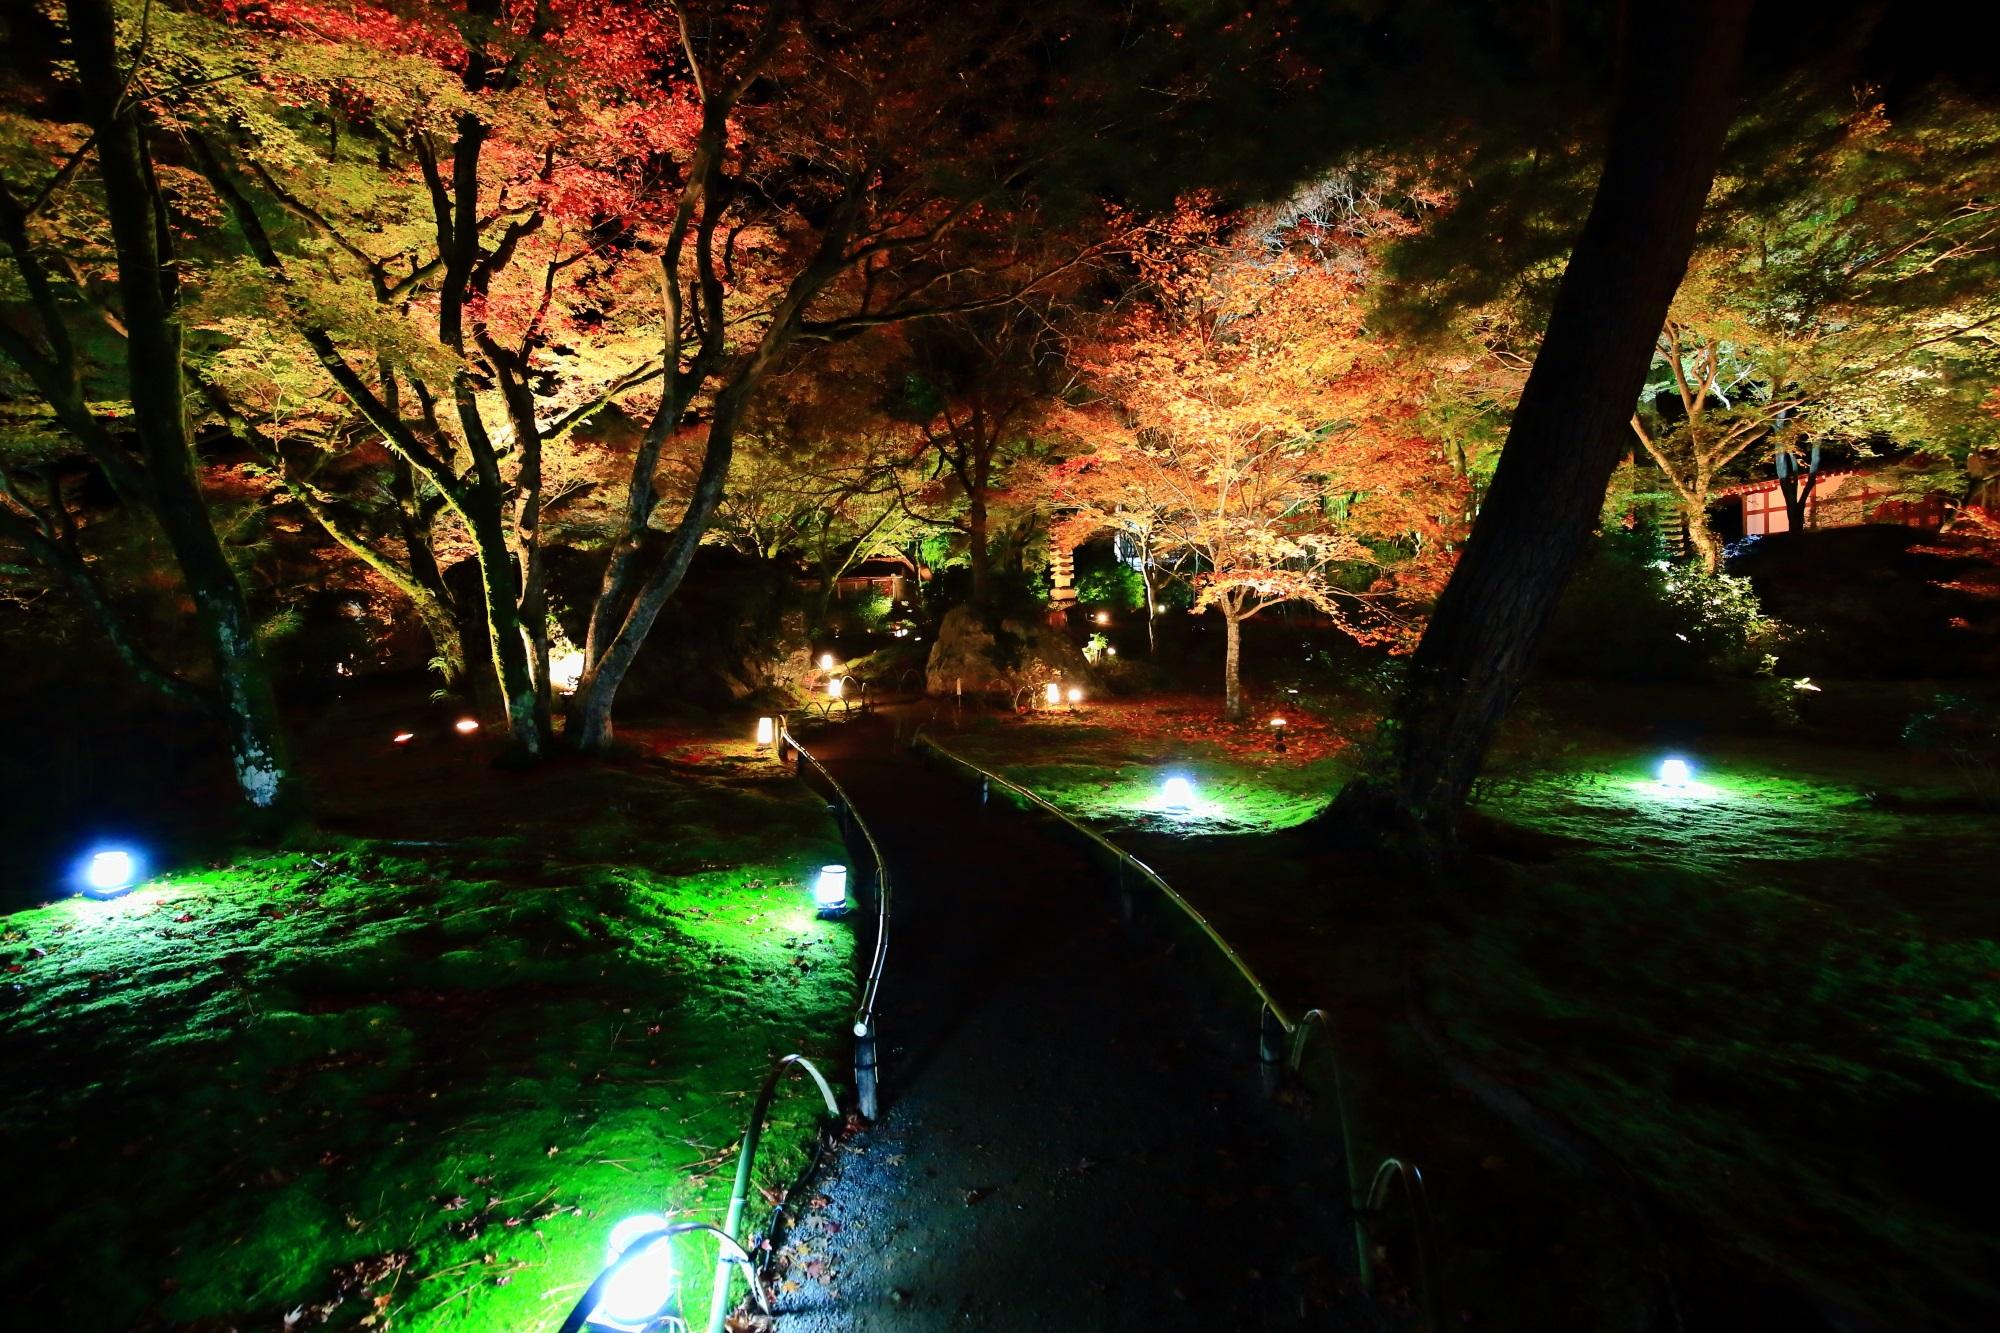 宝厳院 獅子吼の庭 碧岩 苔 紅葉 見ごろ ライトアップ